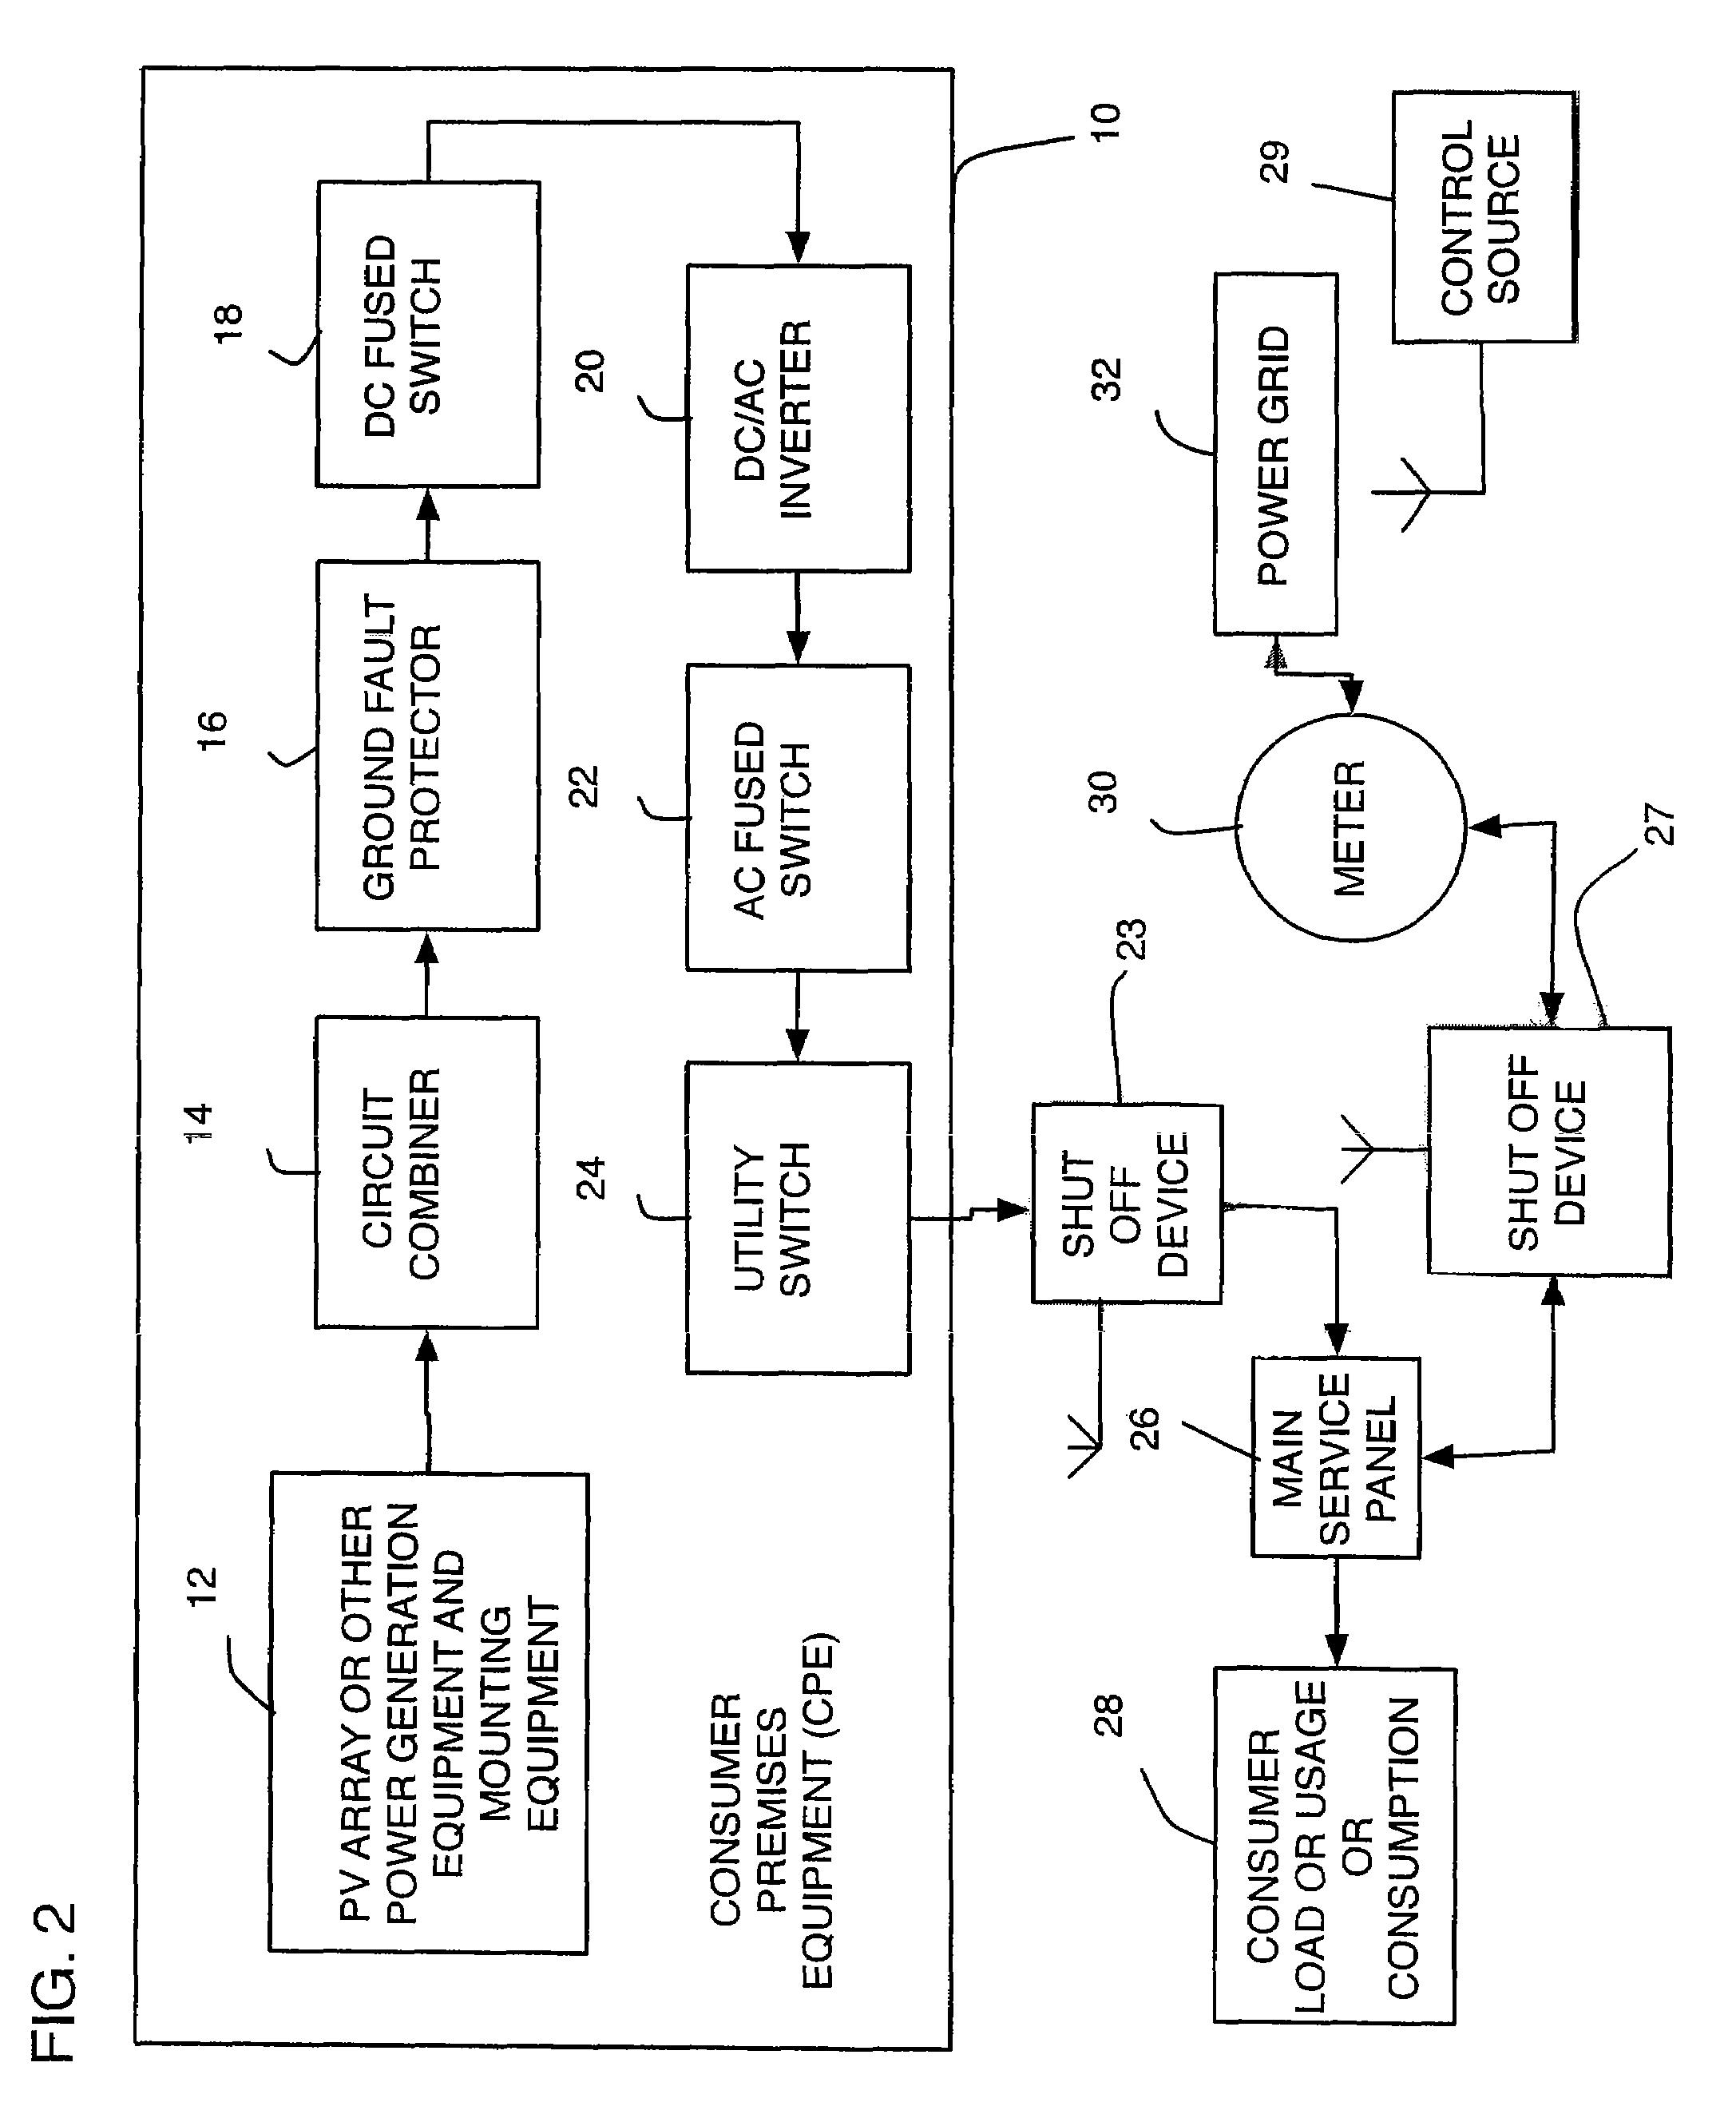 Passtime Wiring Diagram